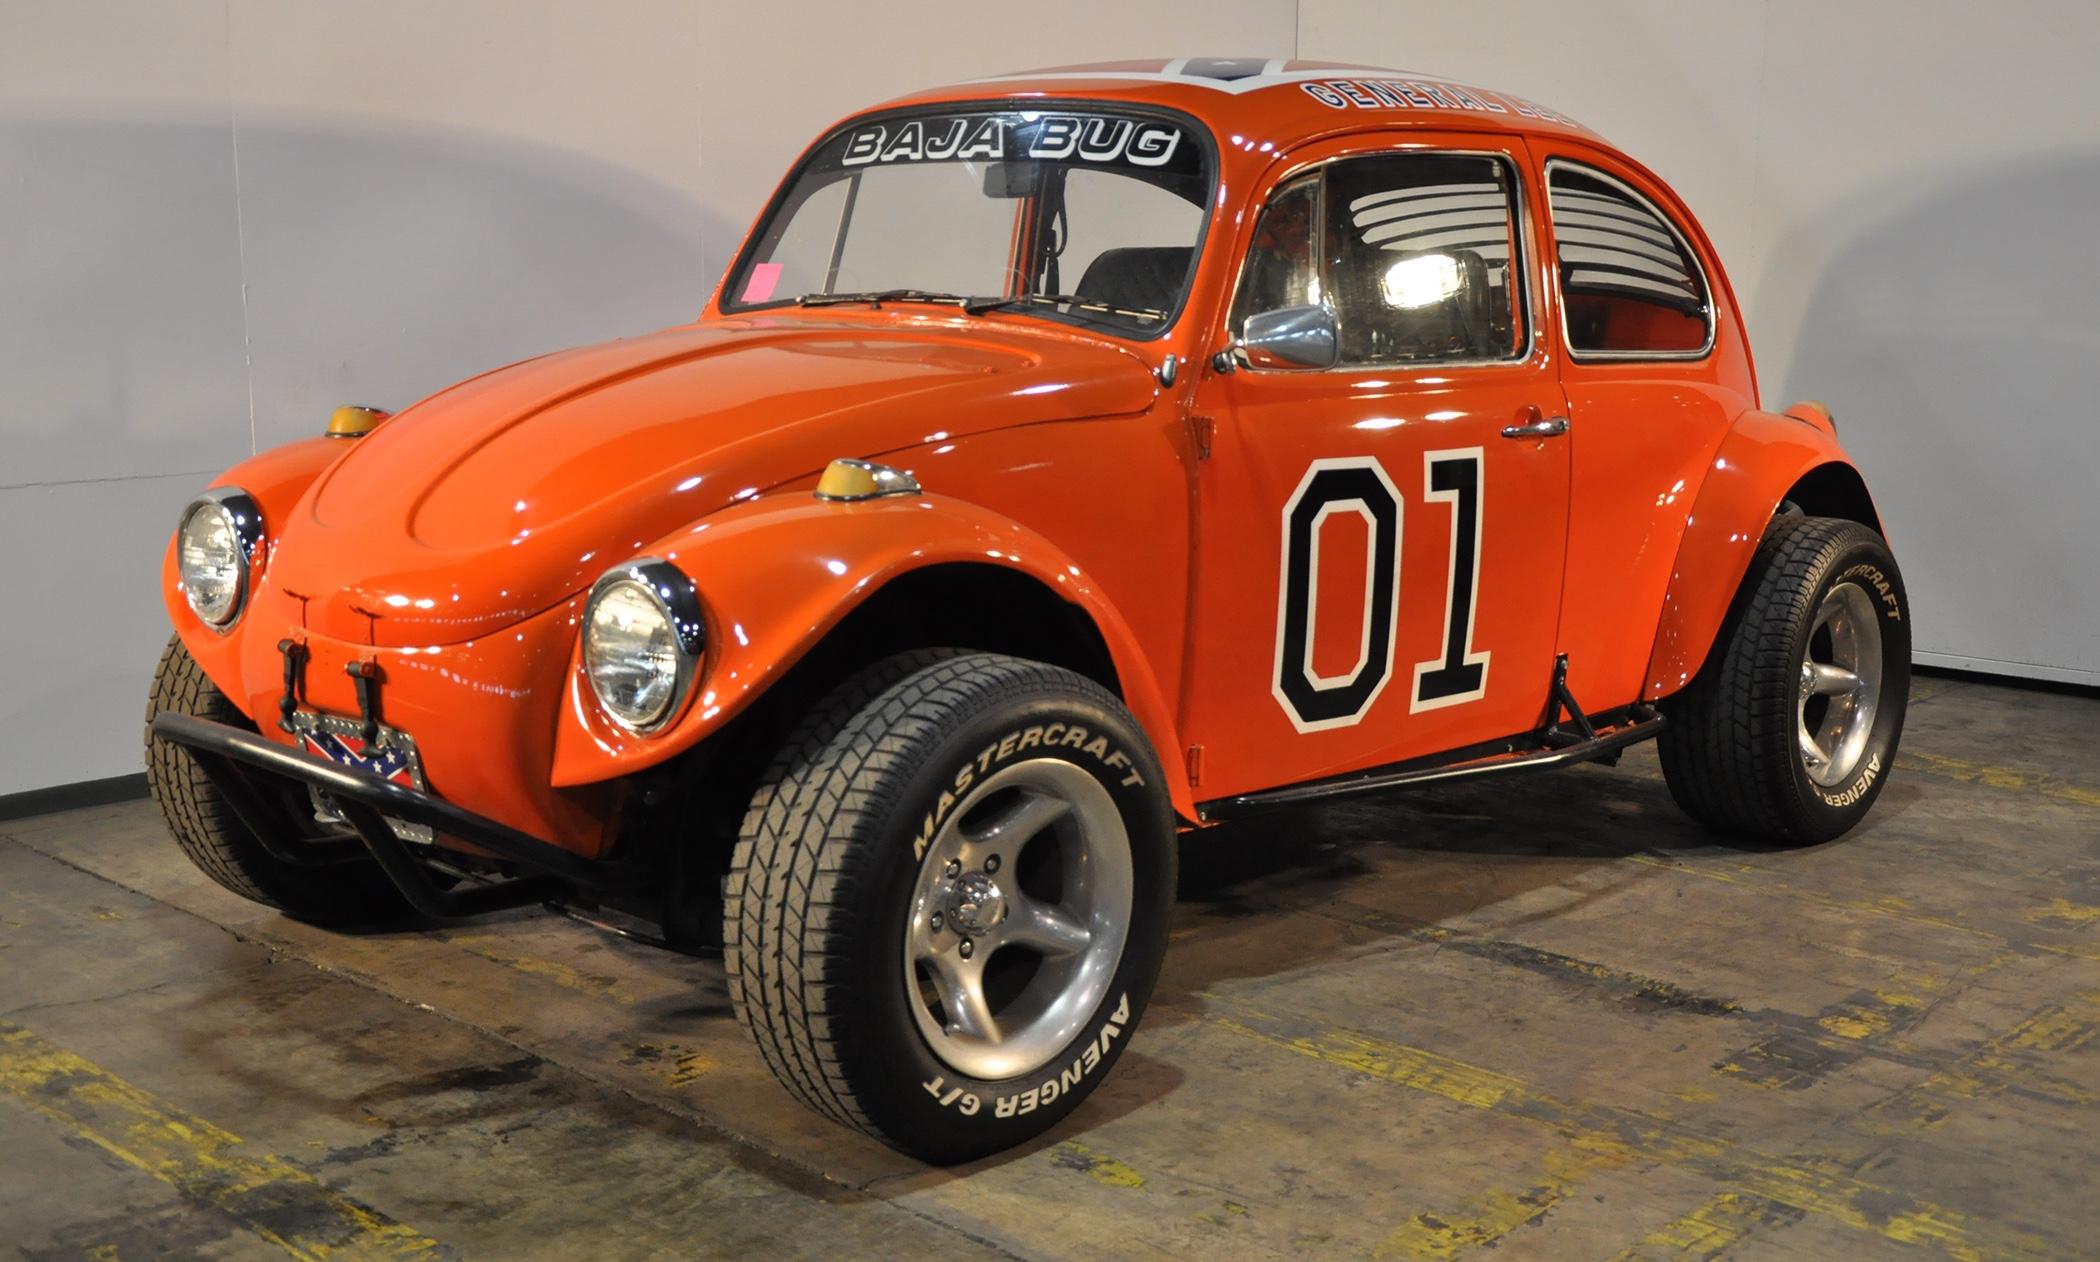 klairmont kollection sending  cars  leakes tulsa auction classiccarscom journal